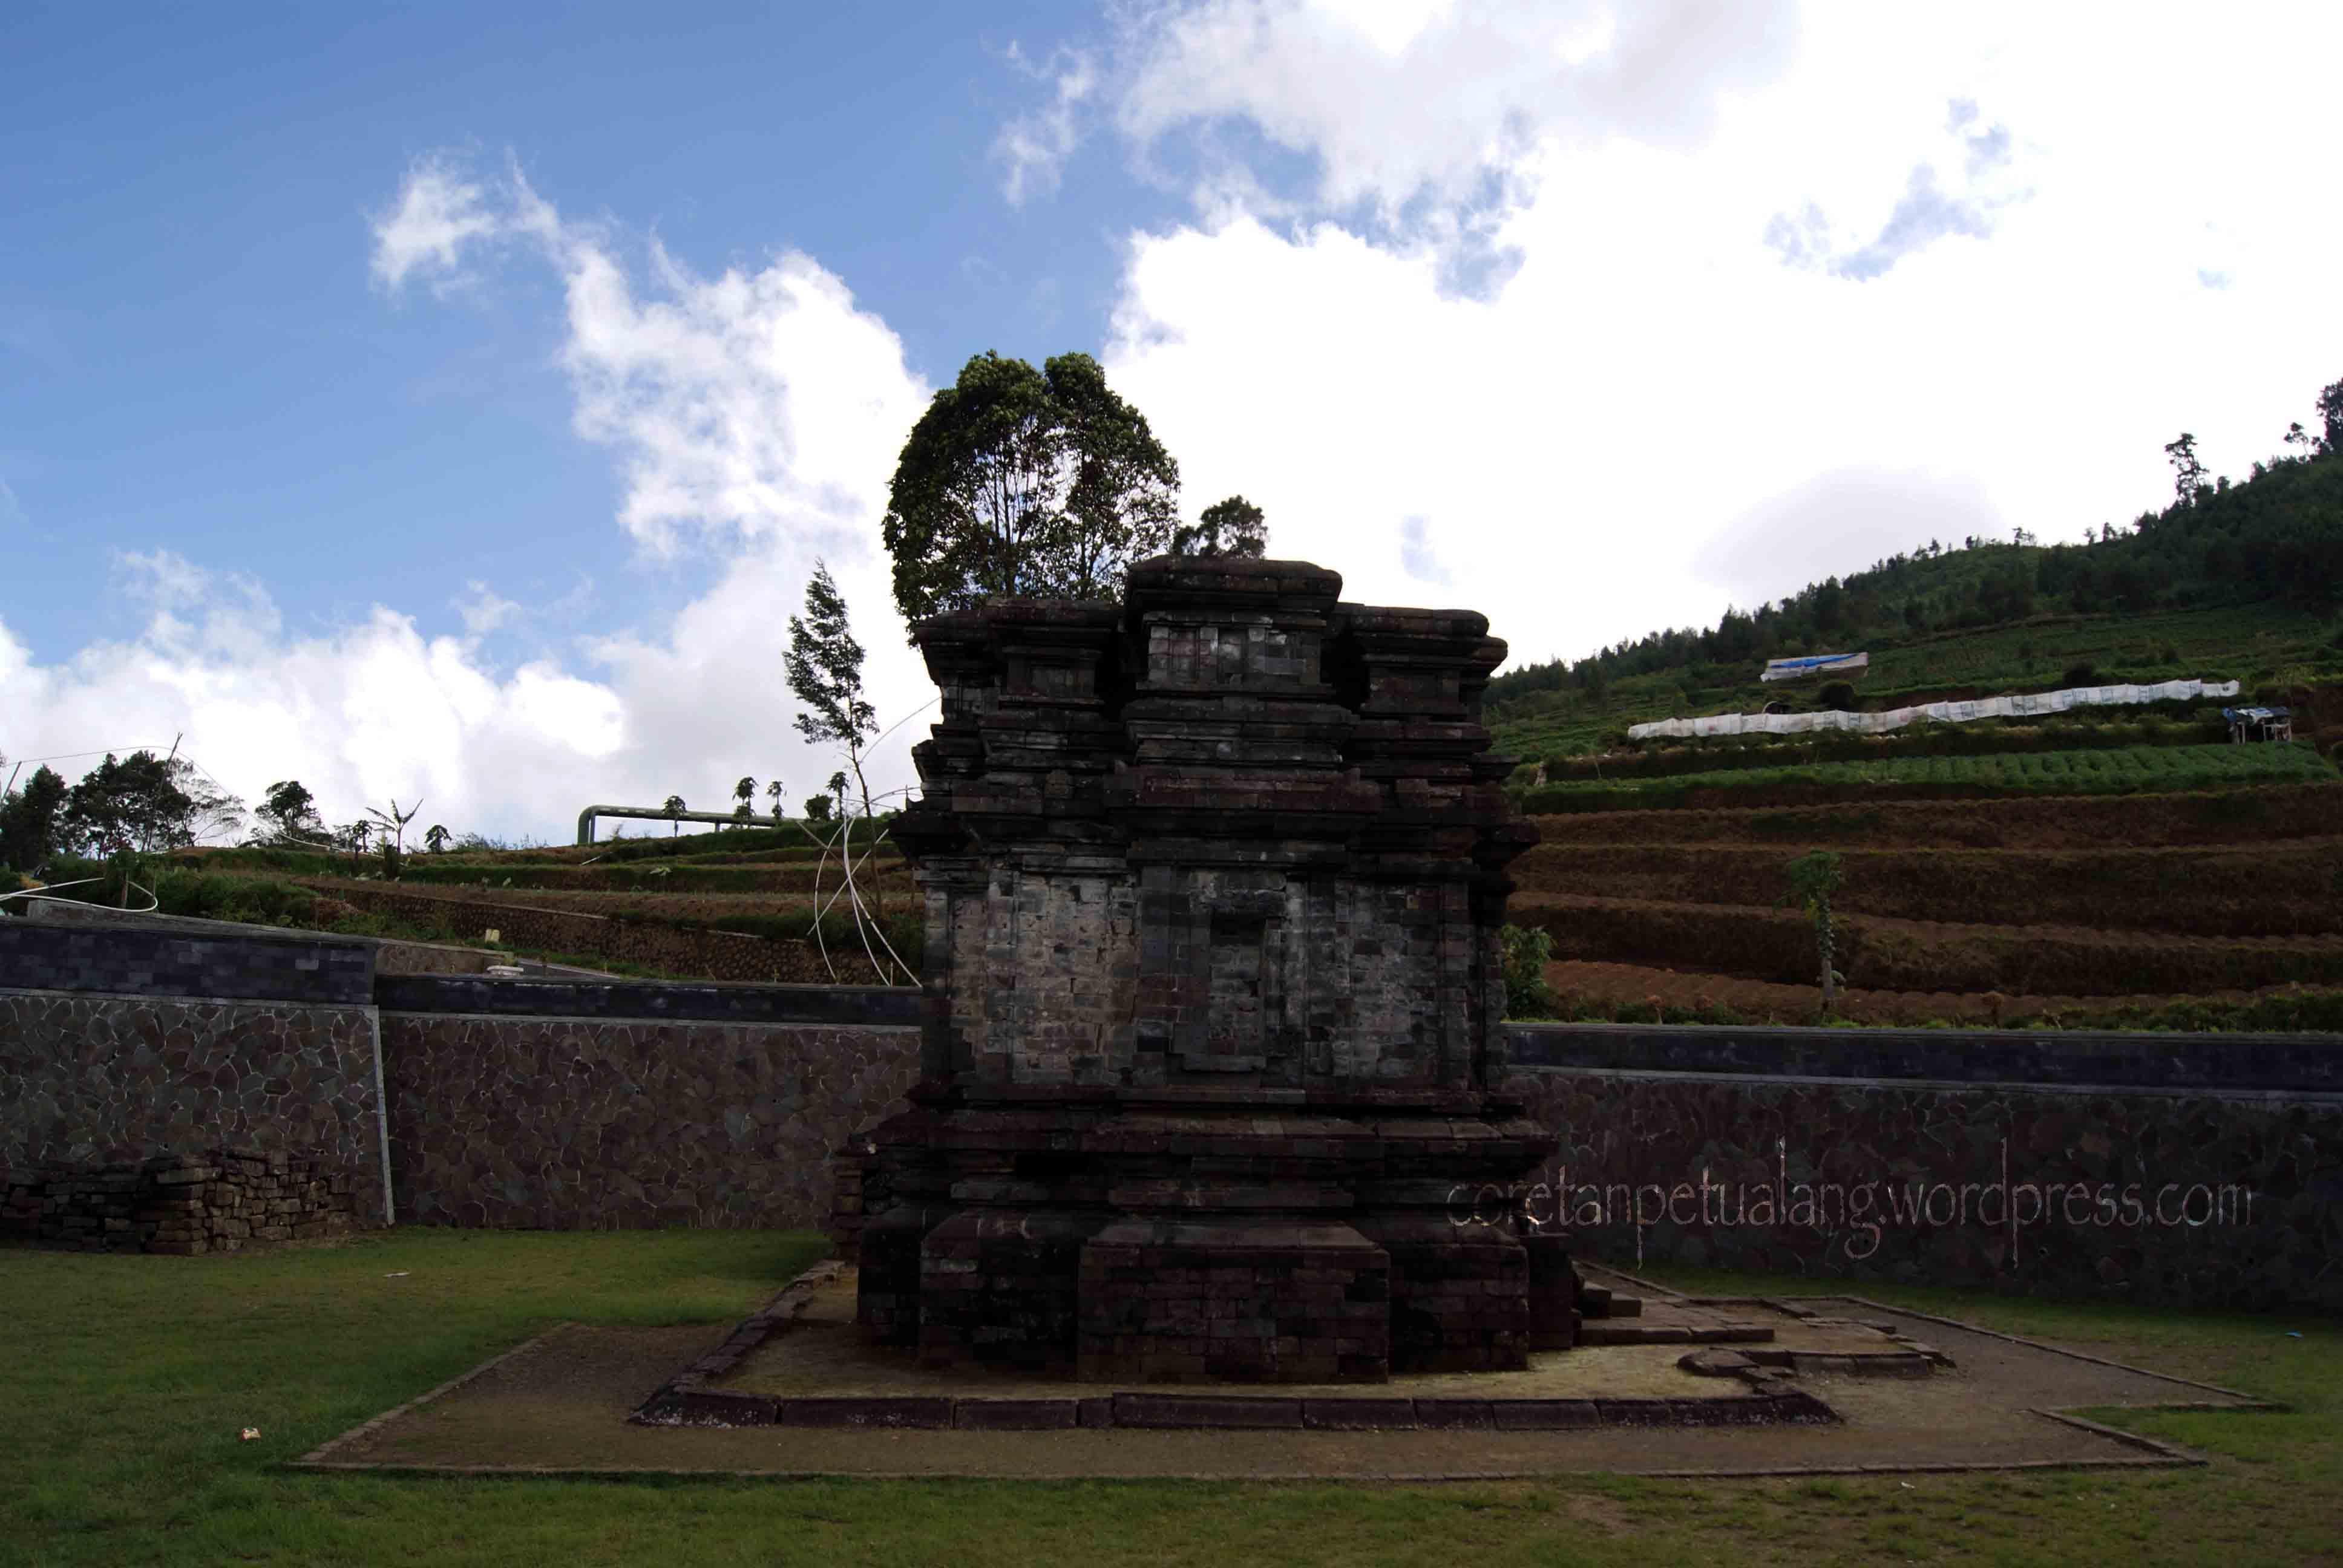 Dieng Plateau Love Season 2 Budaya Candi Dataran Gatotkaca Kab